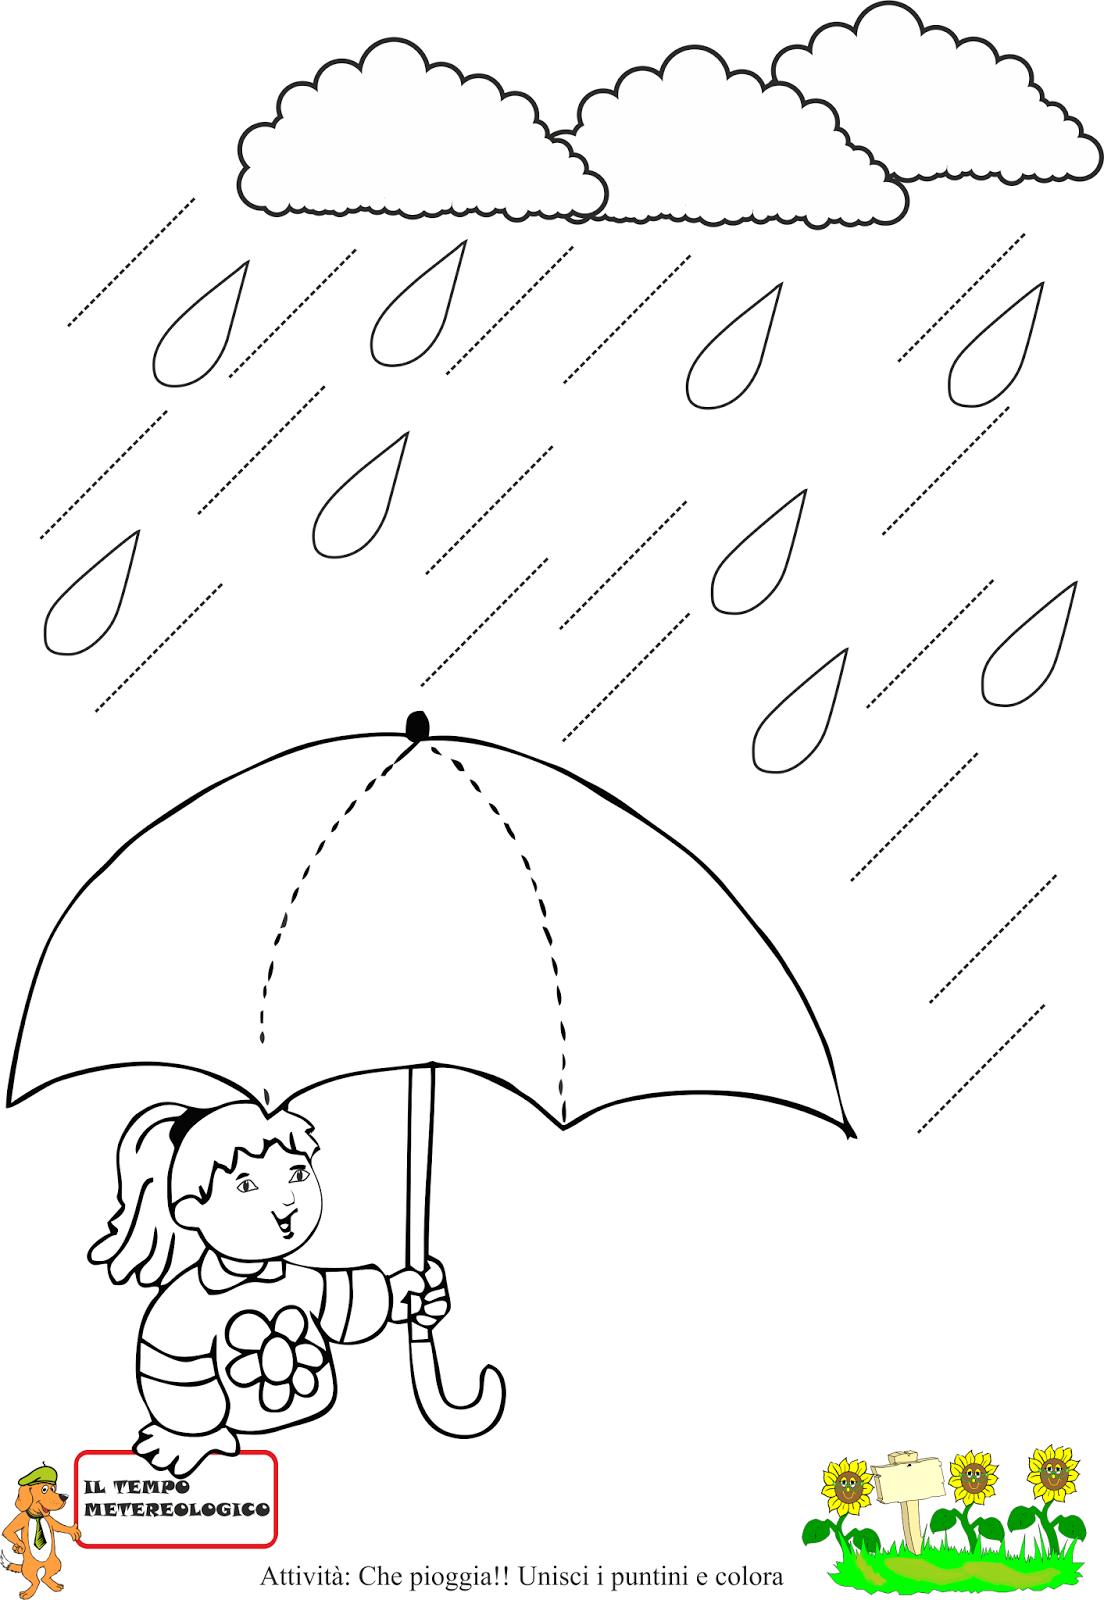 Schede sulla pioggia nauka autunno scuola schede for Schede didattiche scuola infanzia 3 anni